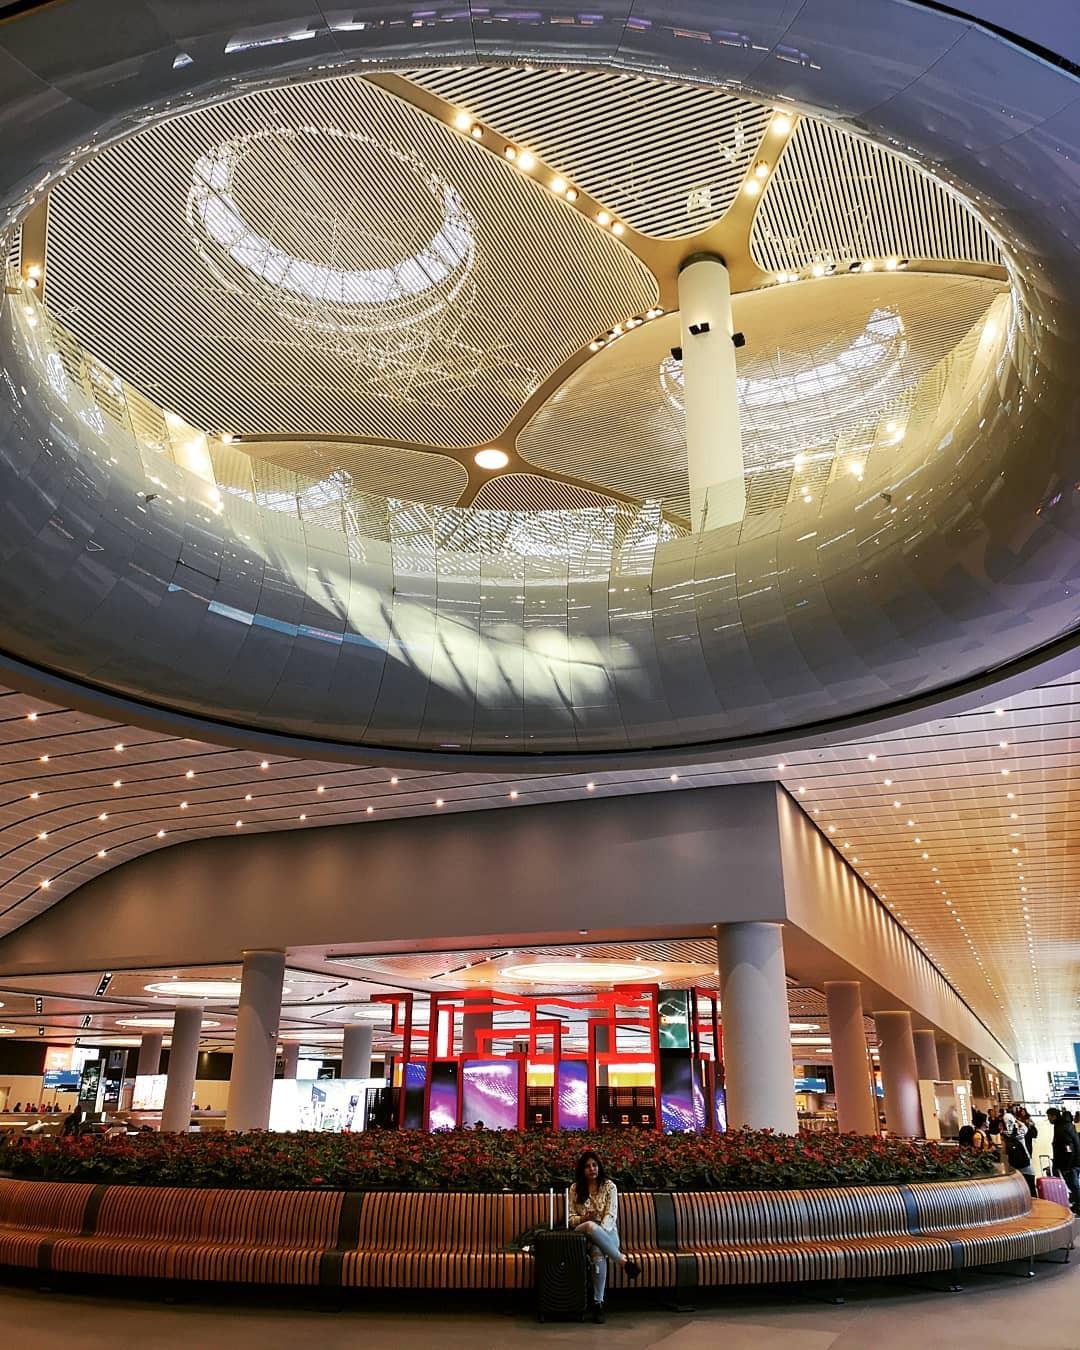 """Trầm trồ trước sân bay """"chịu chơi"""" nhất thế giới khi đầu tư hẳn cả phòng chờ sang chảnh chẳng kém khách sạn 5 sao - Ảnh 7."""